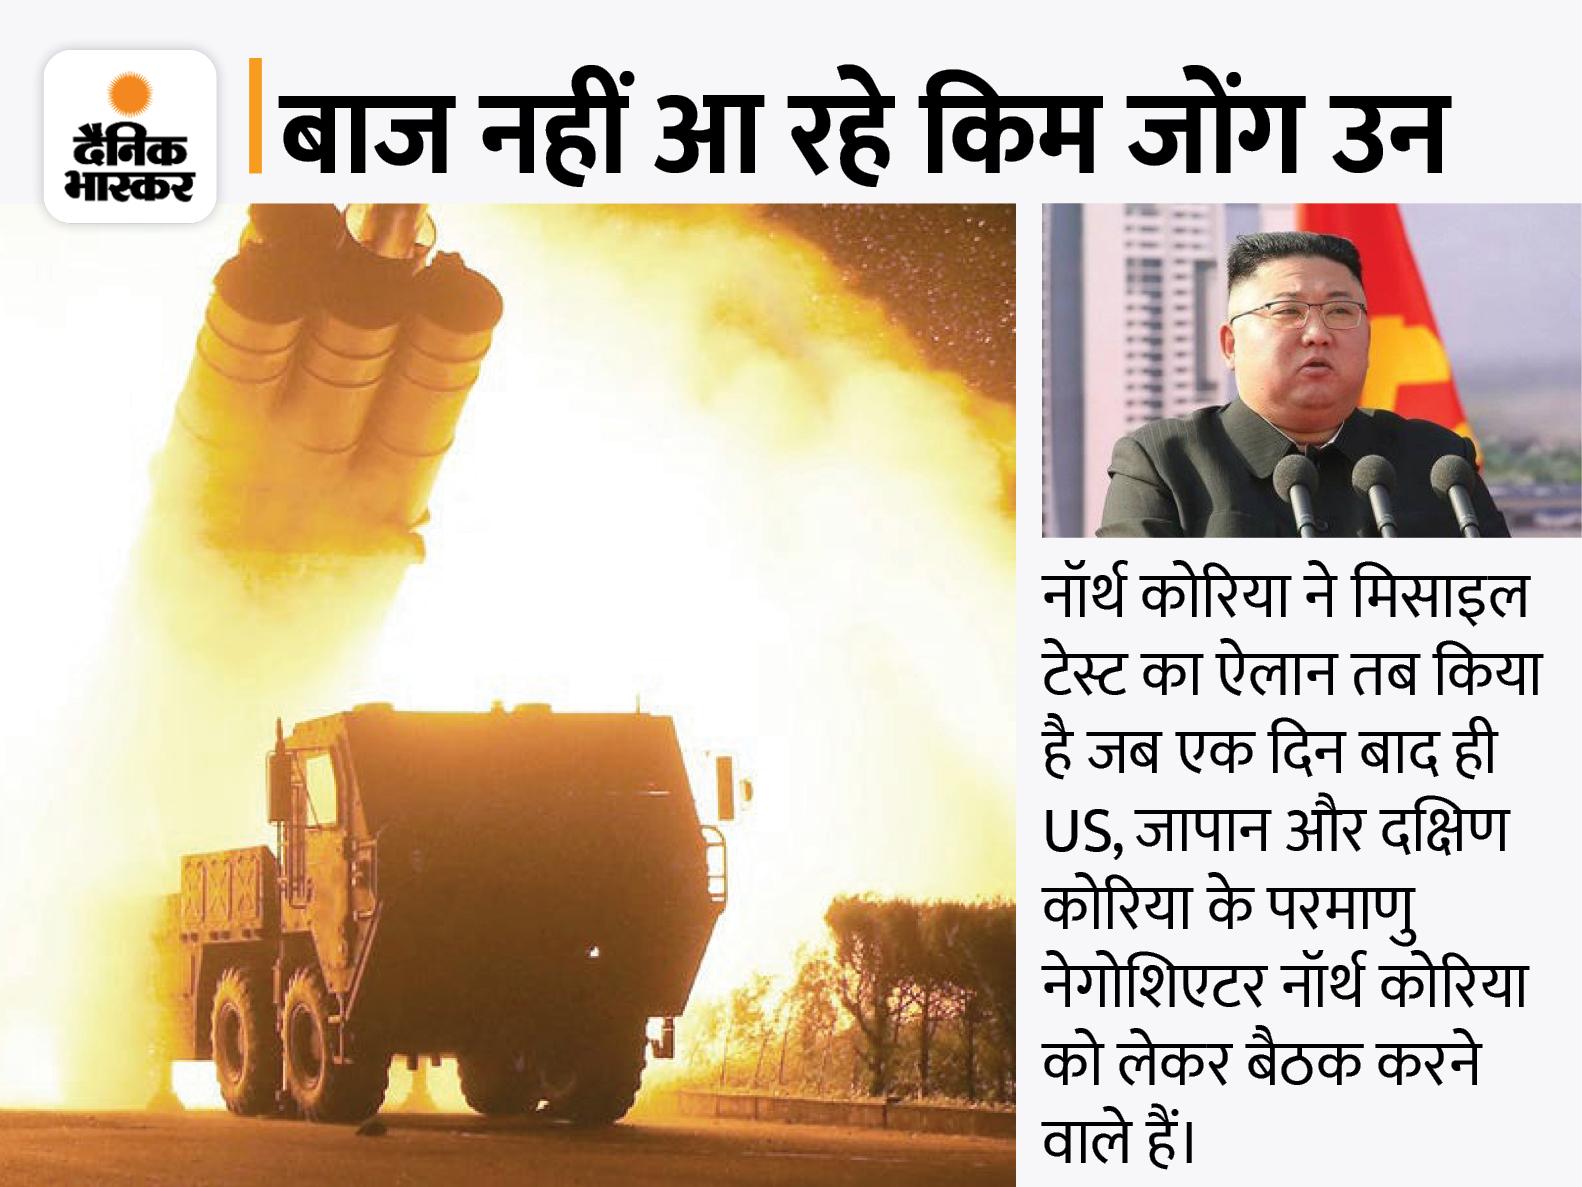 1500 किमी की रेंज वाली मिसाइल जापान तक लगा सकती है निशाना; इसमें न्यूक्लियर वॉरहेड सिस्टम होने की आशंका|विदेश,International - Dainik Bhaskar